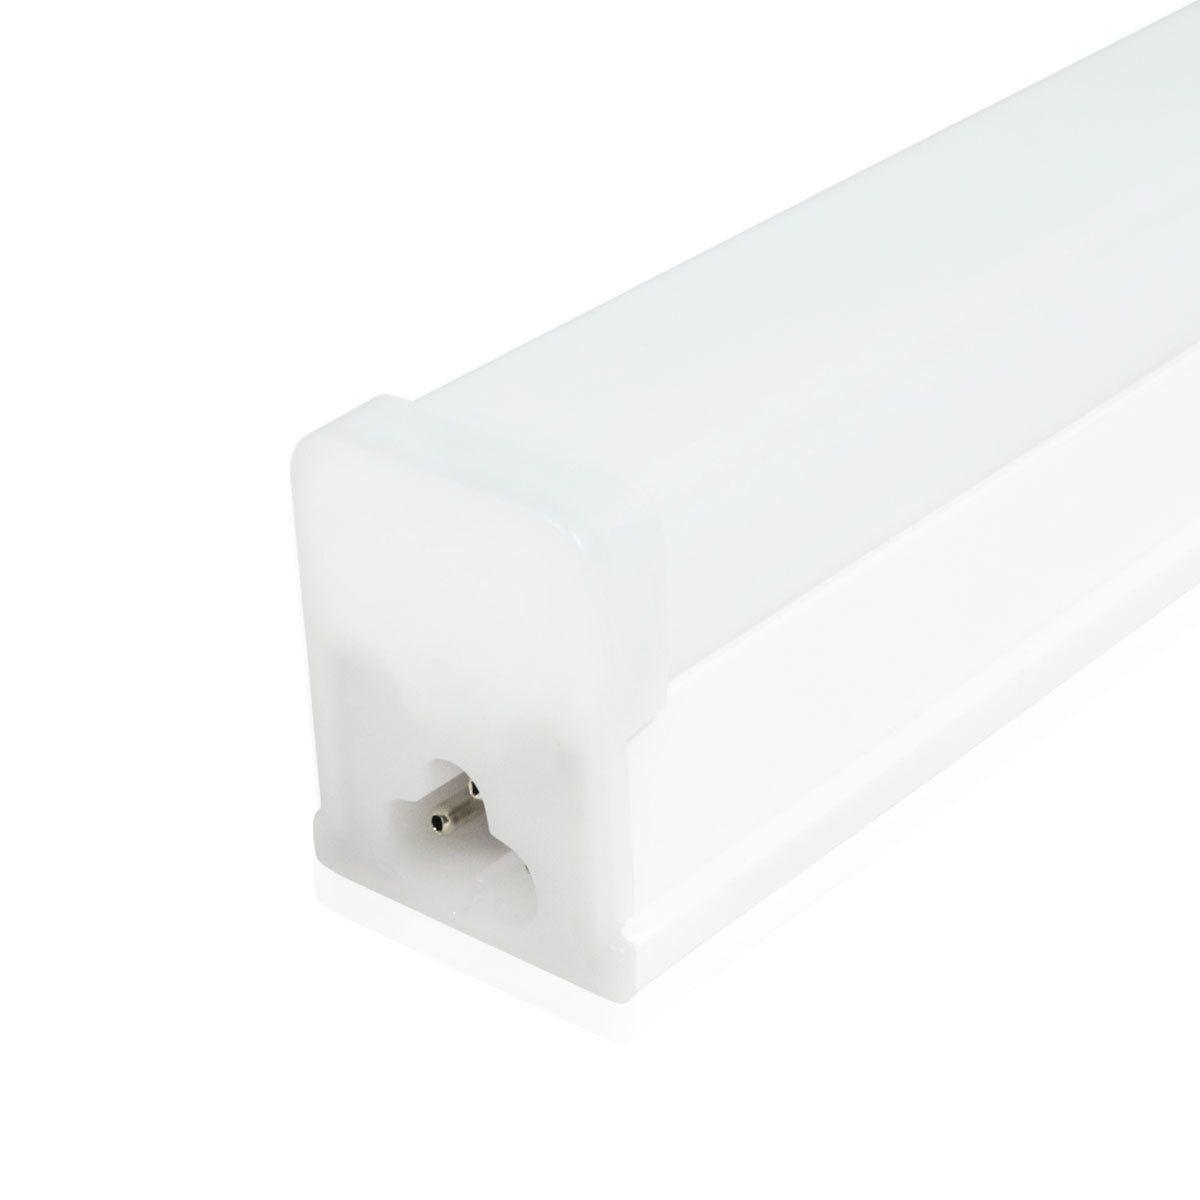 Светильник светодиодный 25Вт линейный 4200K AC220  OEM T8 Z-1200-25W-PL